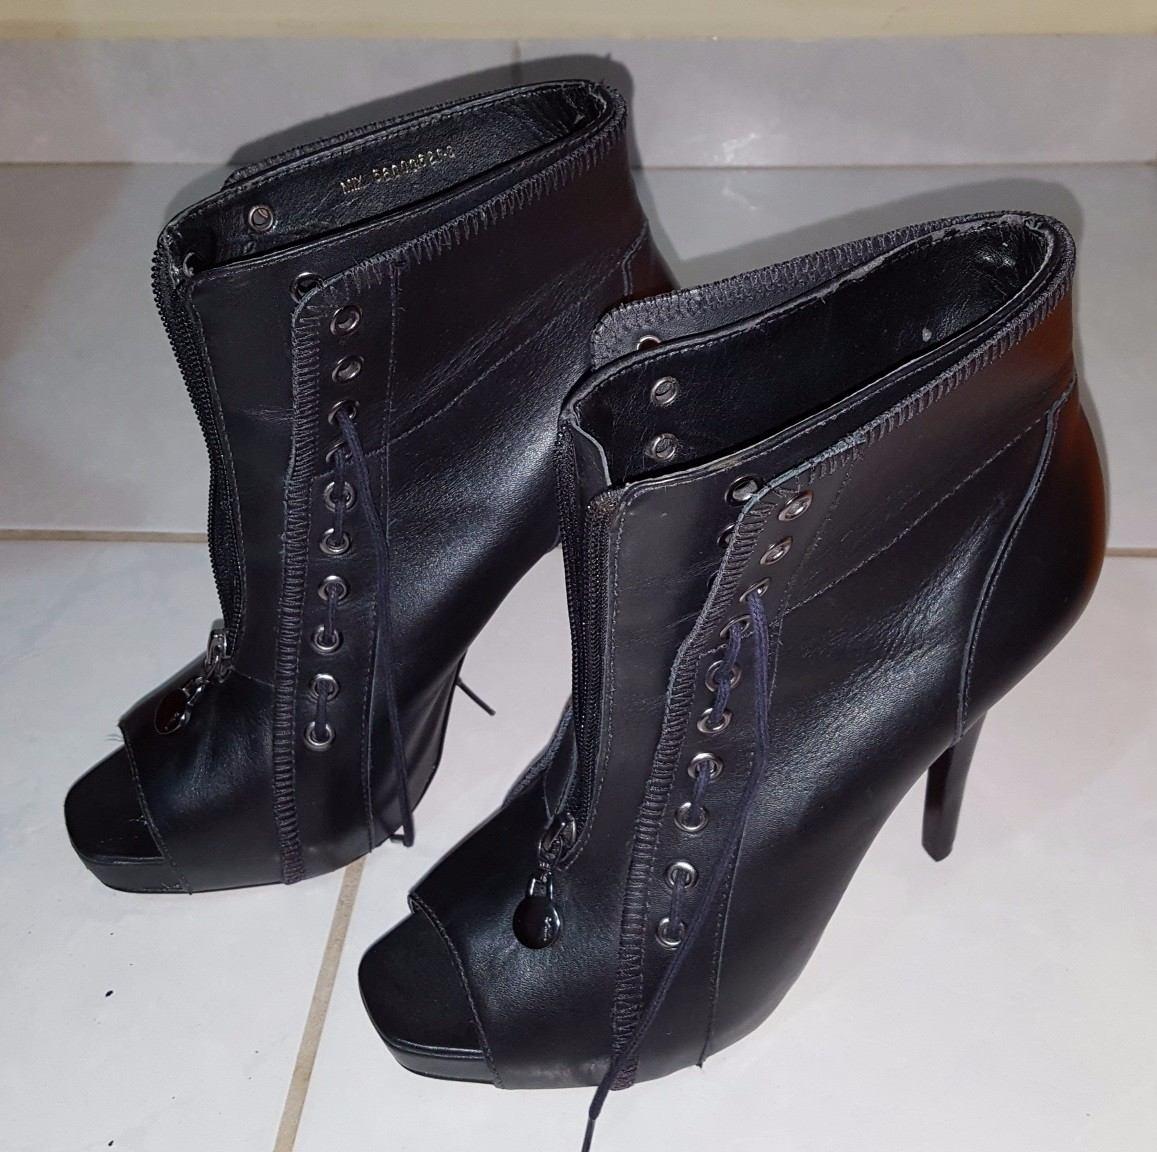 51c7c67f0 Open Boots Santa Lolla - Tamanho 37 - R$ 89,90 em Mercado Livre